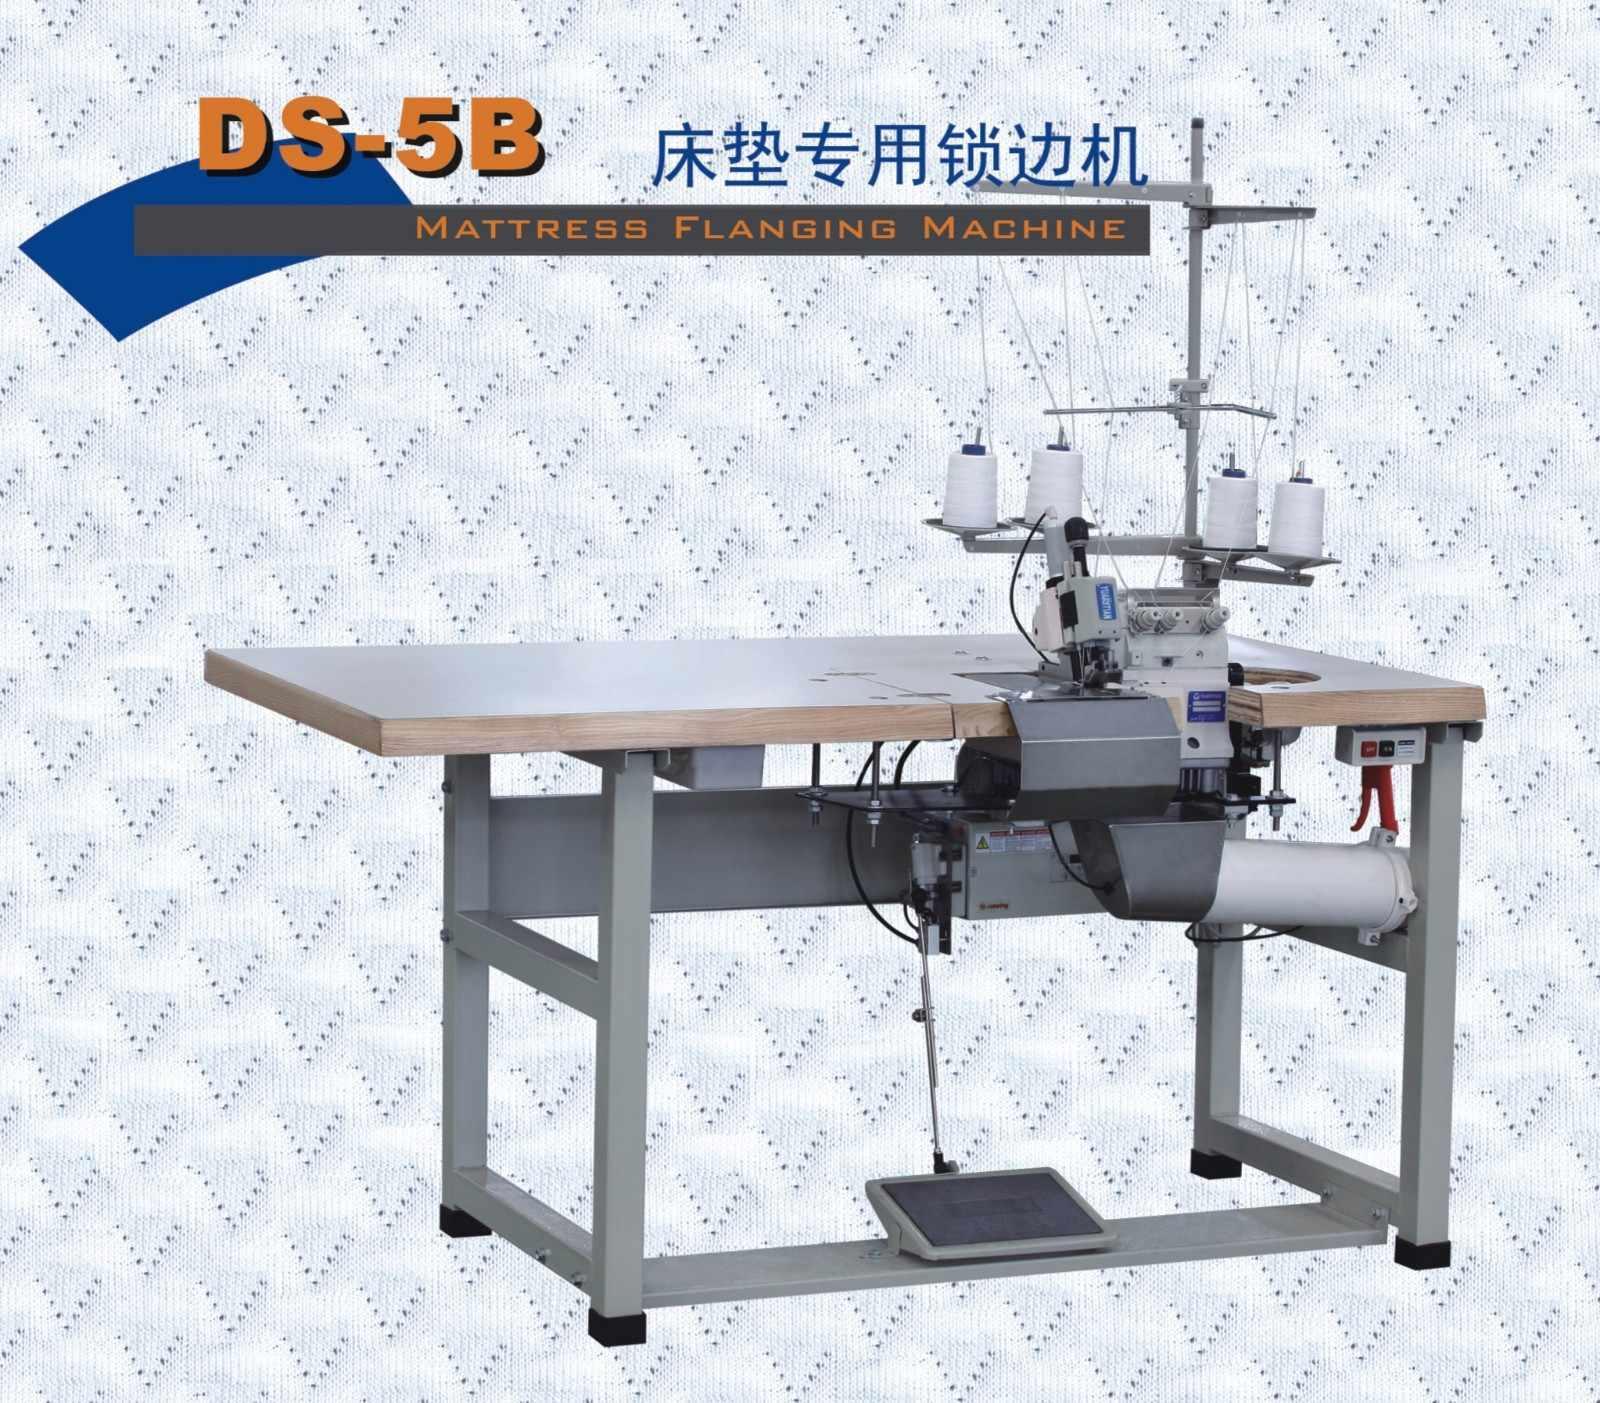 sewing mattress heads YUANTIAN Mattress Machines Brand Mattress Flanging Machine supplier